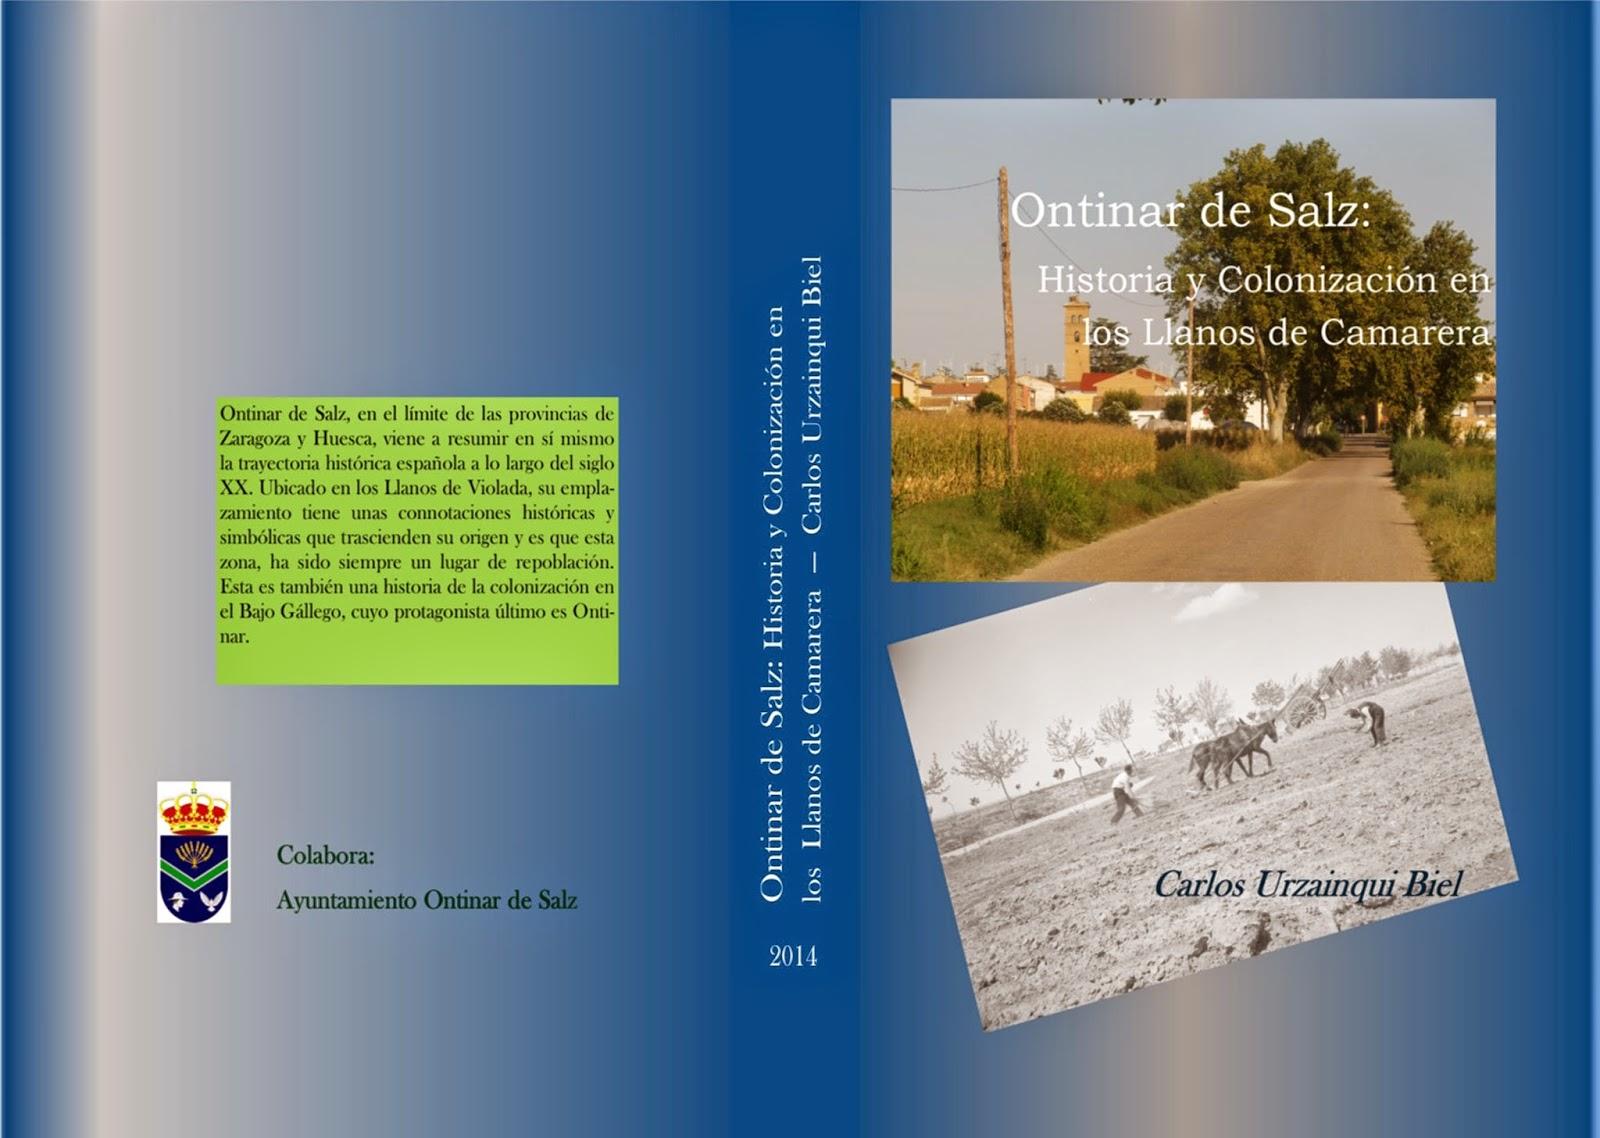 http://www.bubok.es/libros/236674/Ontinar-de-Salz-Historia-y-Colonizacion-en-los-Llanos-de-Camarera